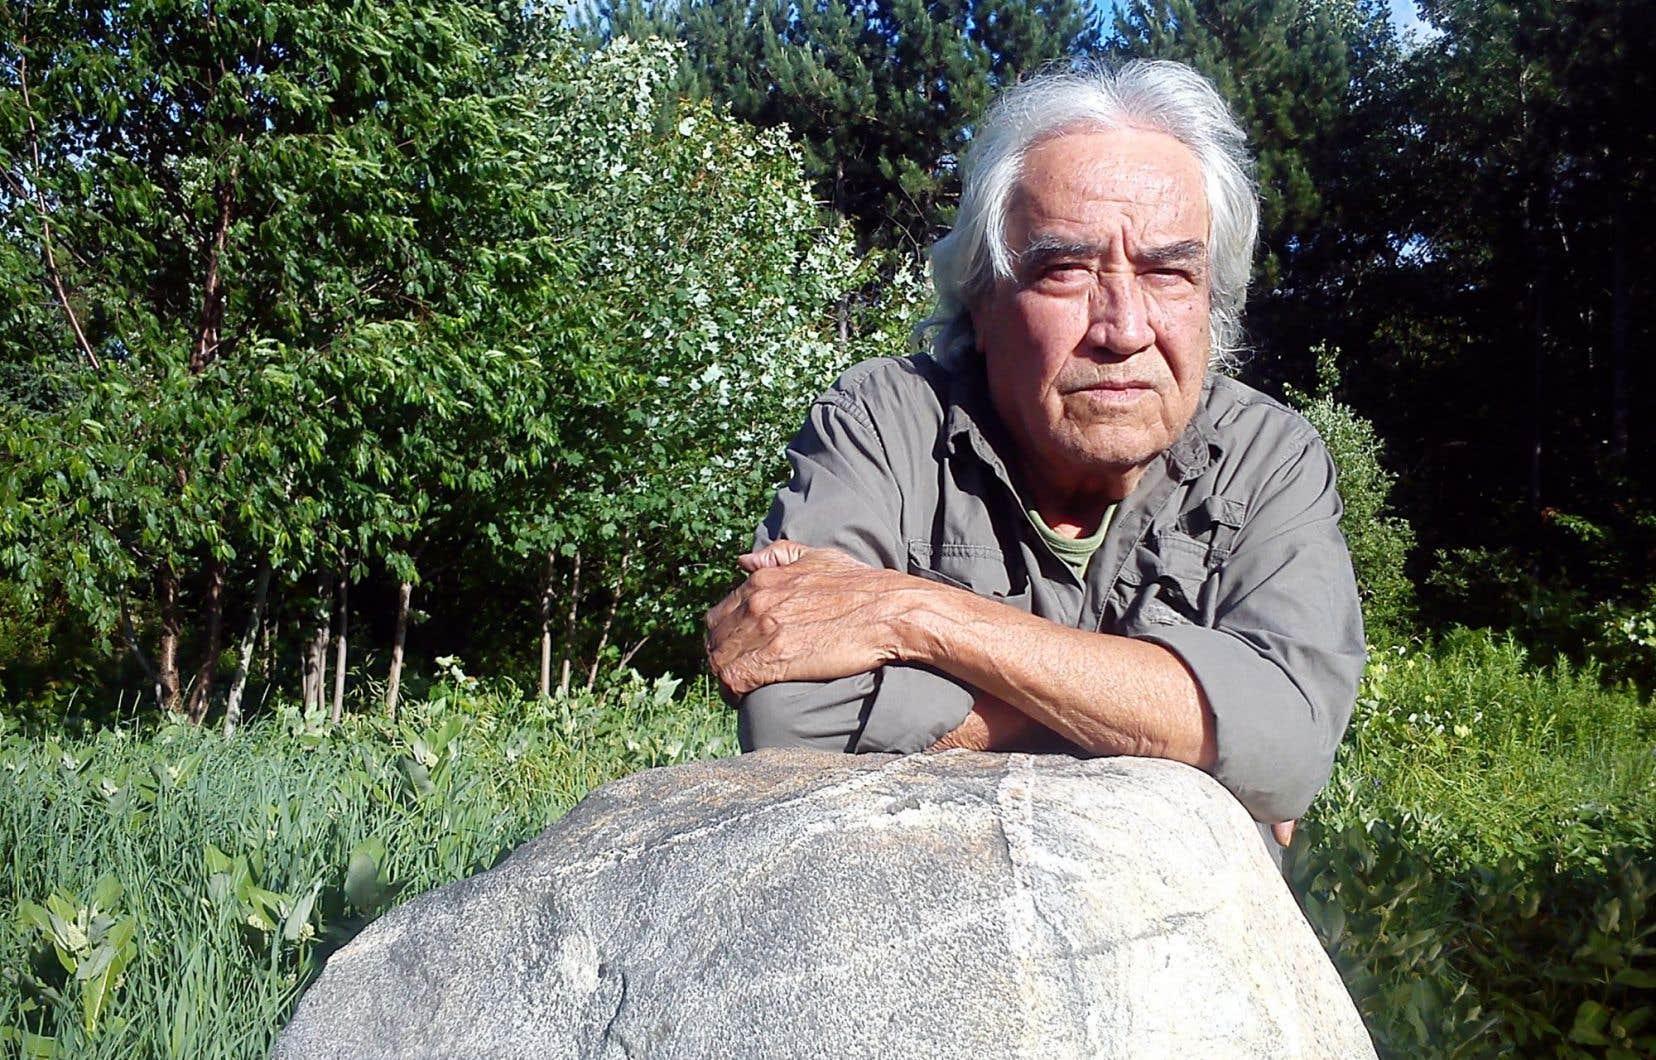 «Maudit sauvage» qui s'assume, Domingo Cisneros déplore le processus d'expansion commerciale qui tient lieu de civilisation.